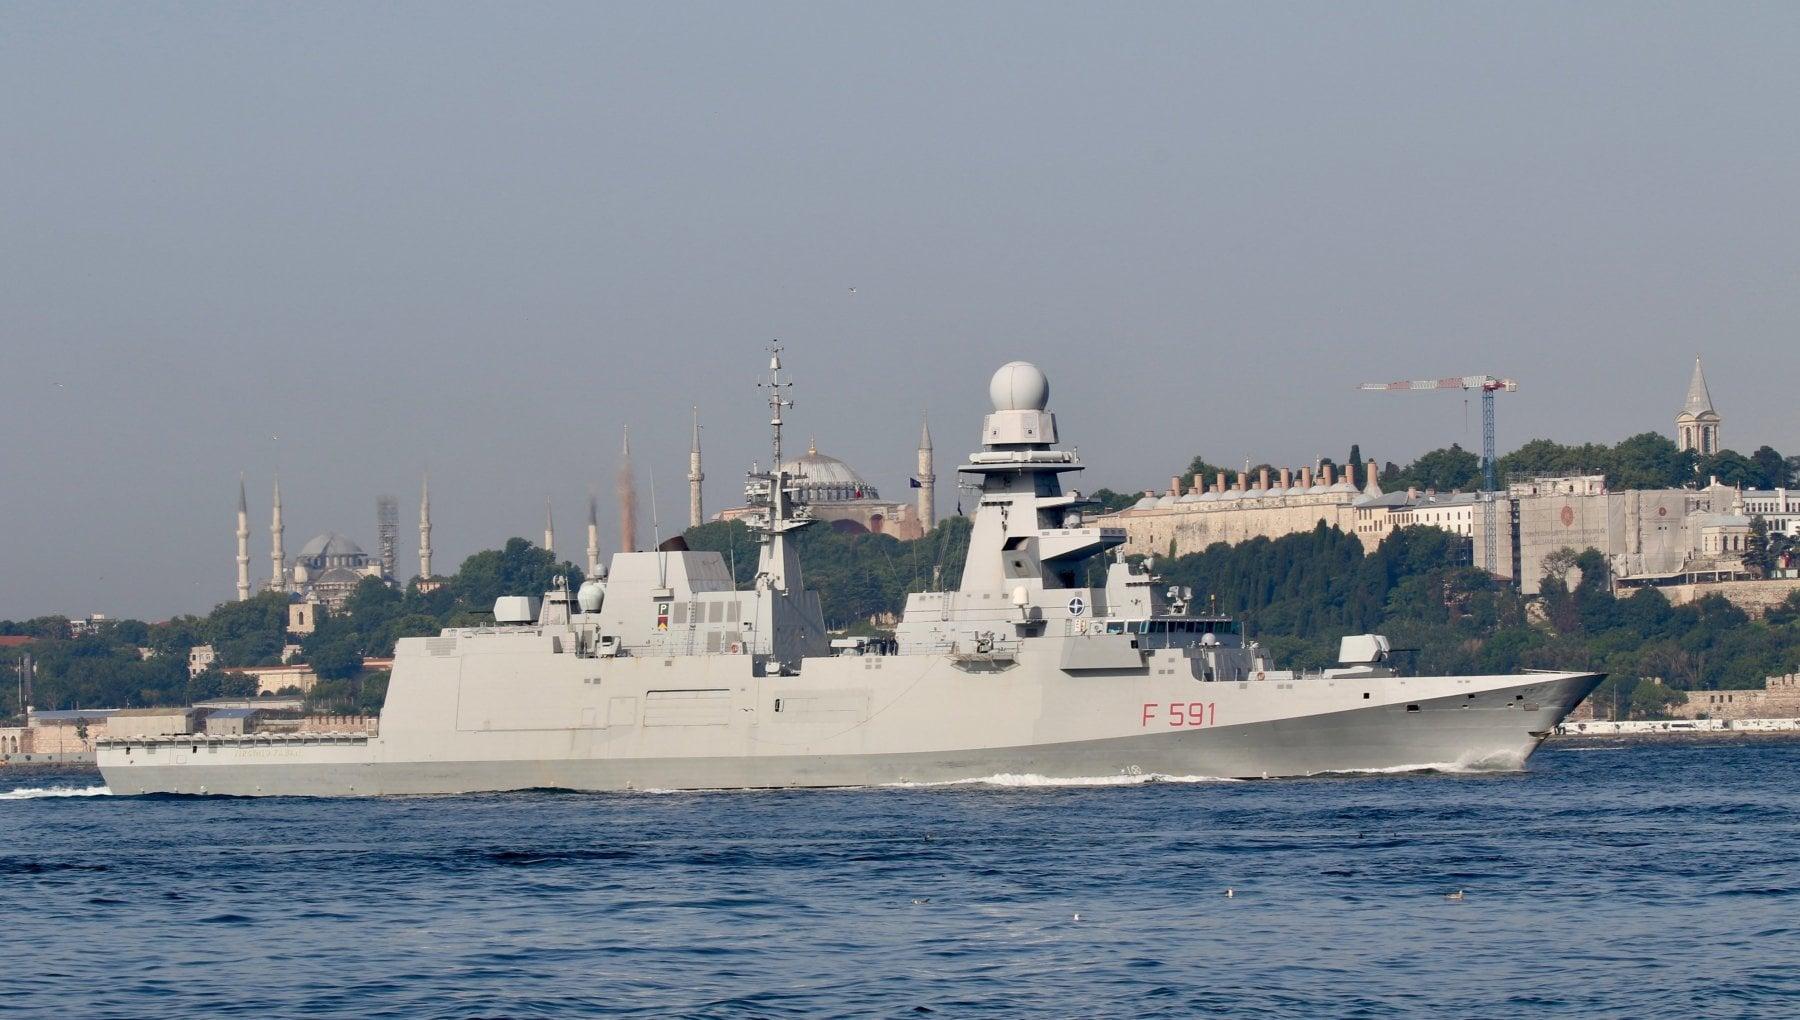 113102616 179f574e d33a 423b 8101 1829310eb2d5 - La fregata italiana e i venti di tempesta nel Mar Nero